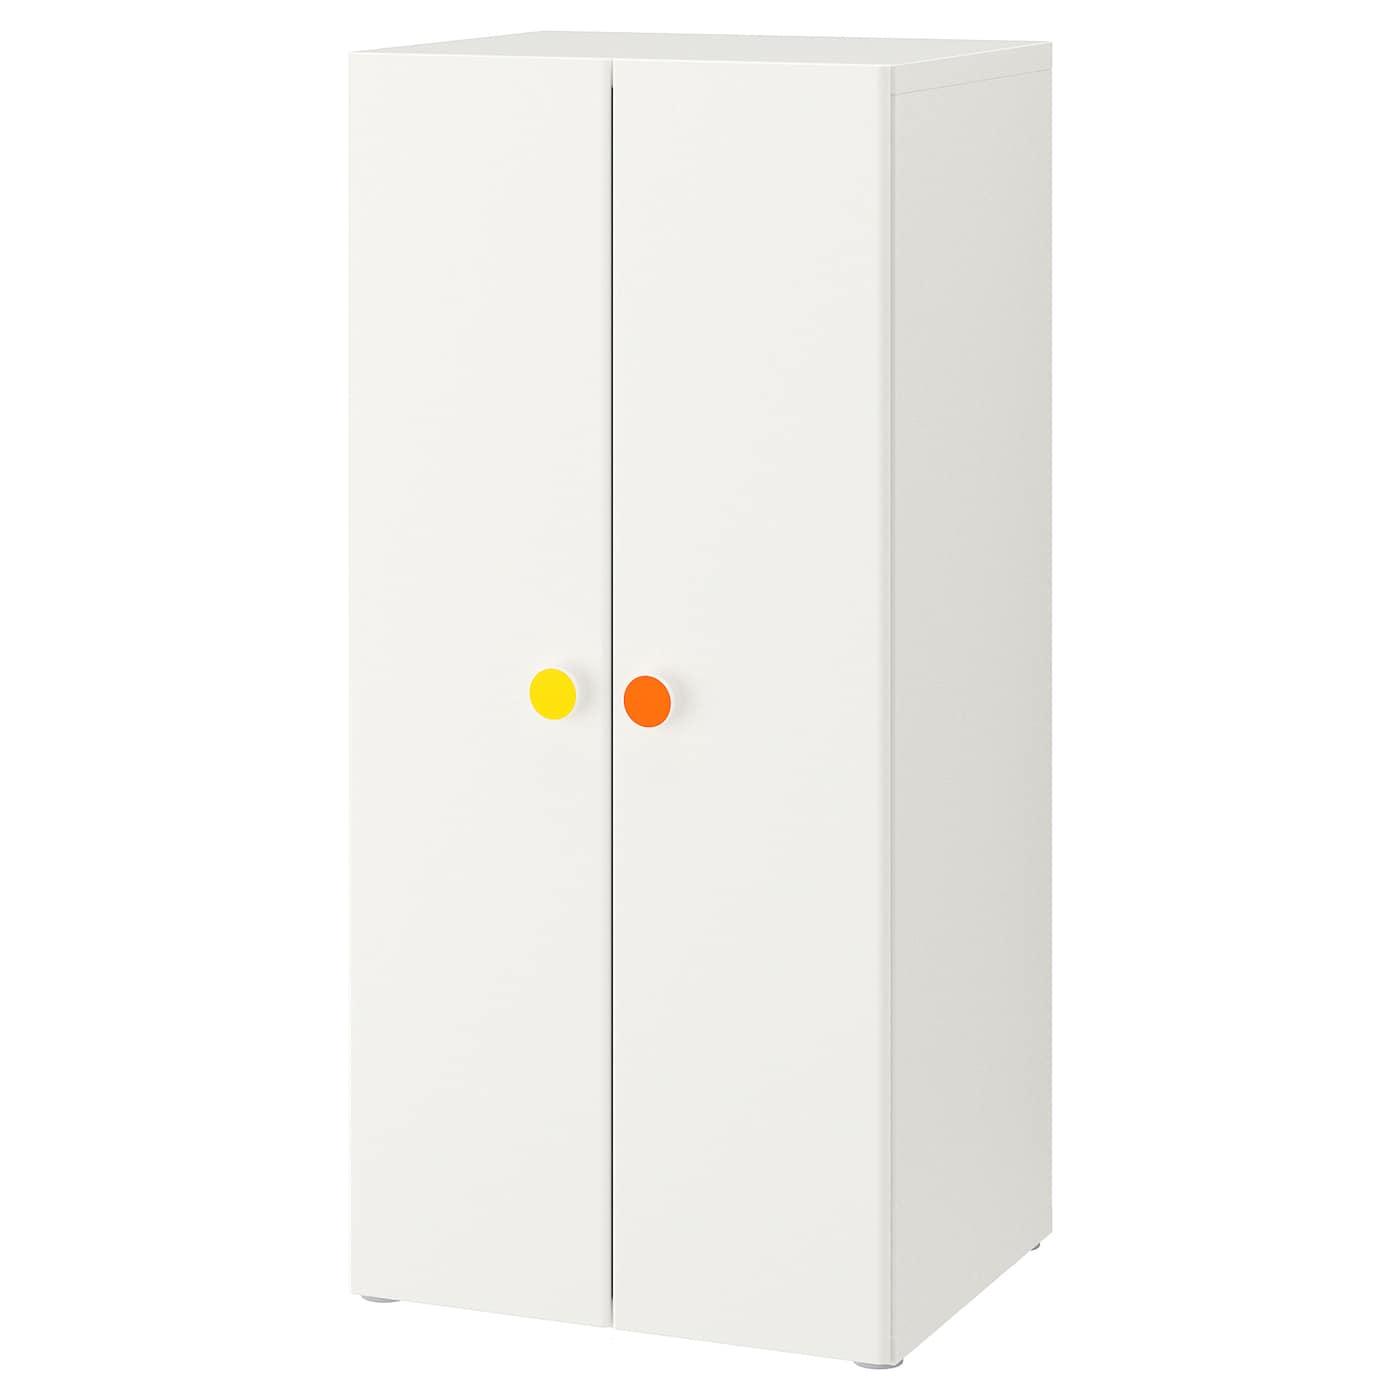 IKEA STUVA biała szafa z parą drzwi FÖLJA, 60x50x128 cm